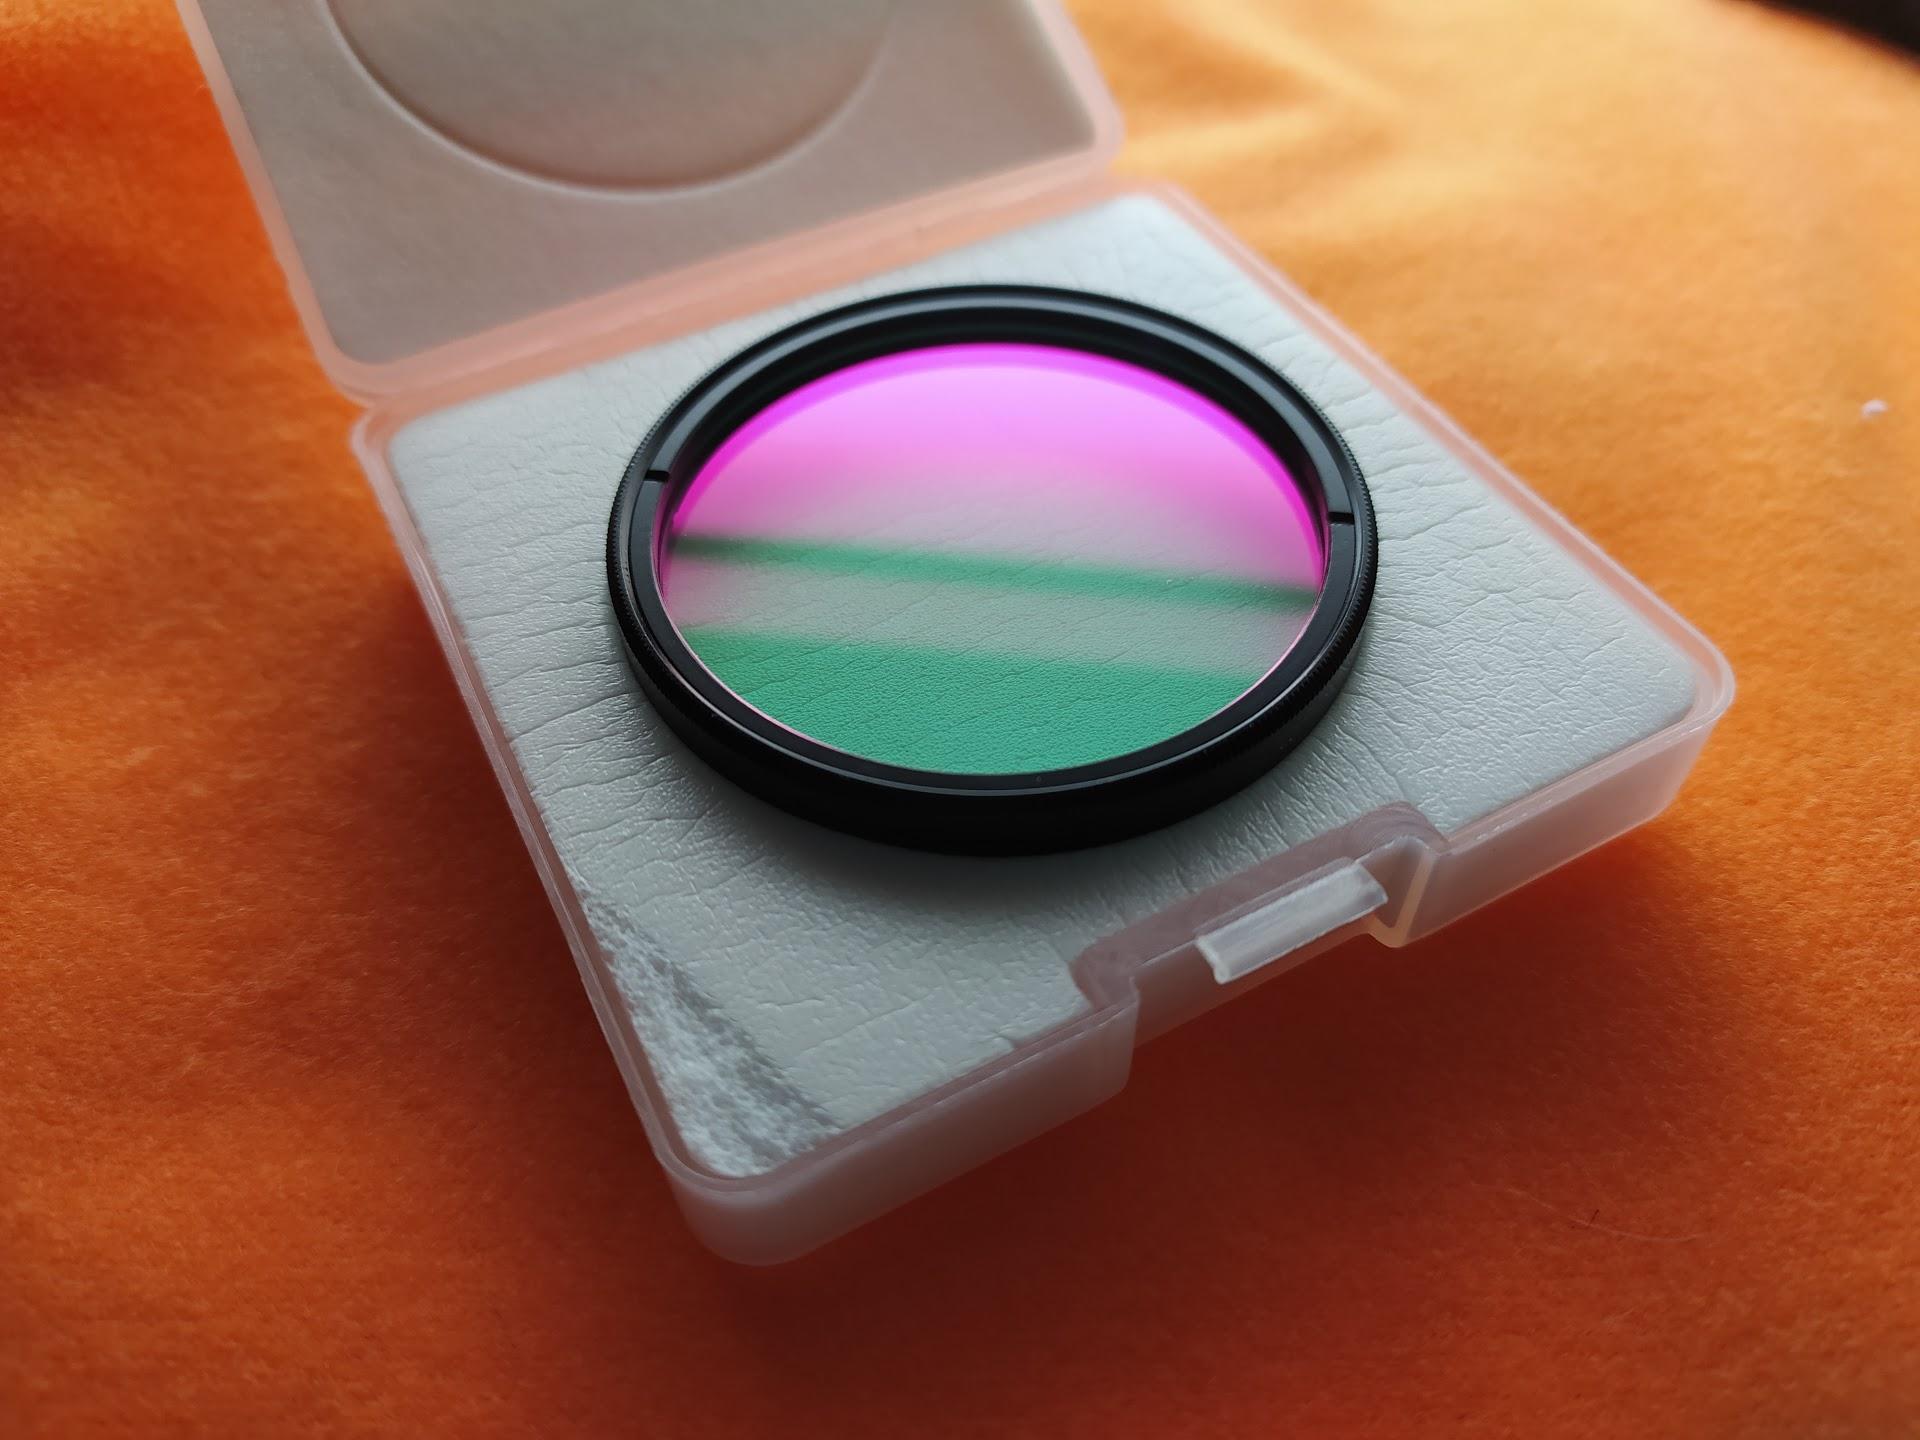 Svbony astronomical filter